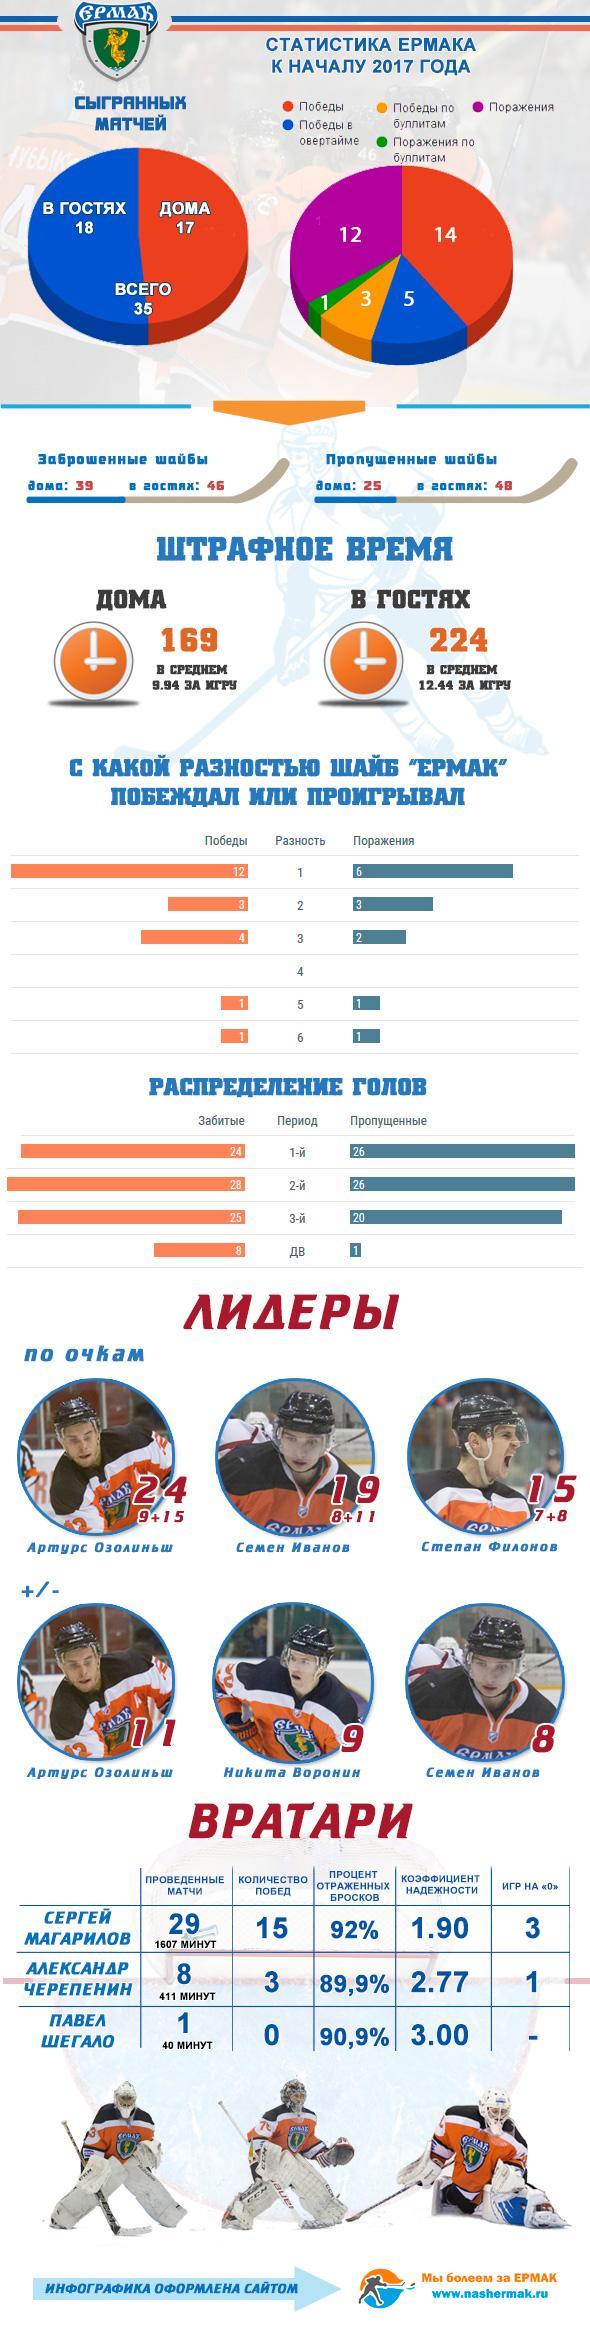 Инфографика Ермака за первые 4 месяца сезона 2016/2017